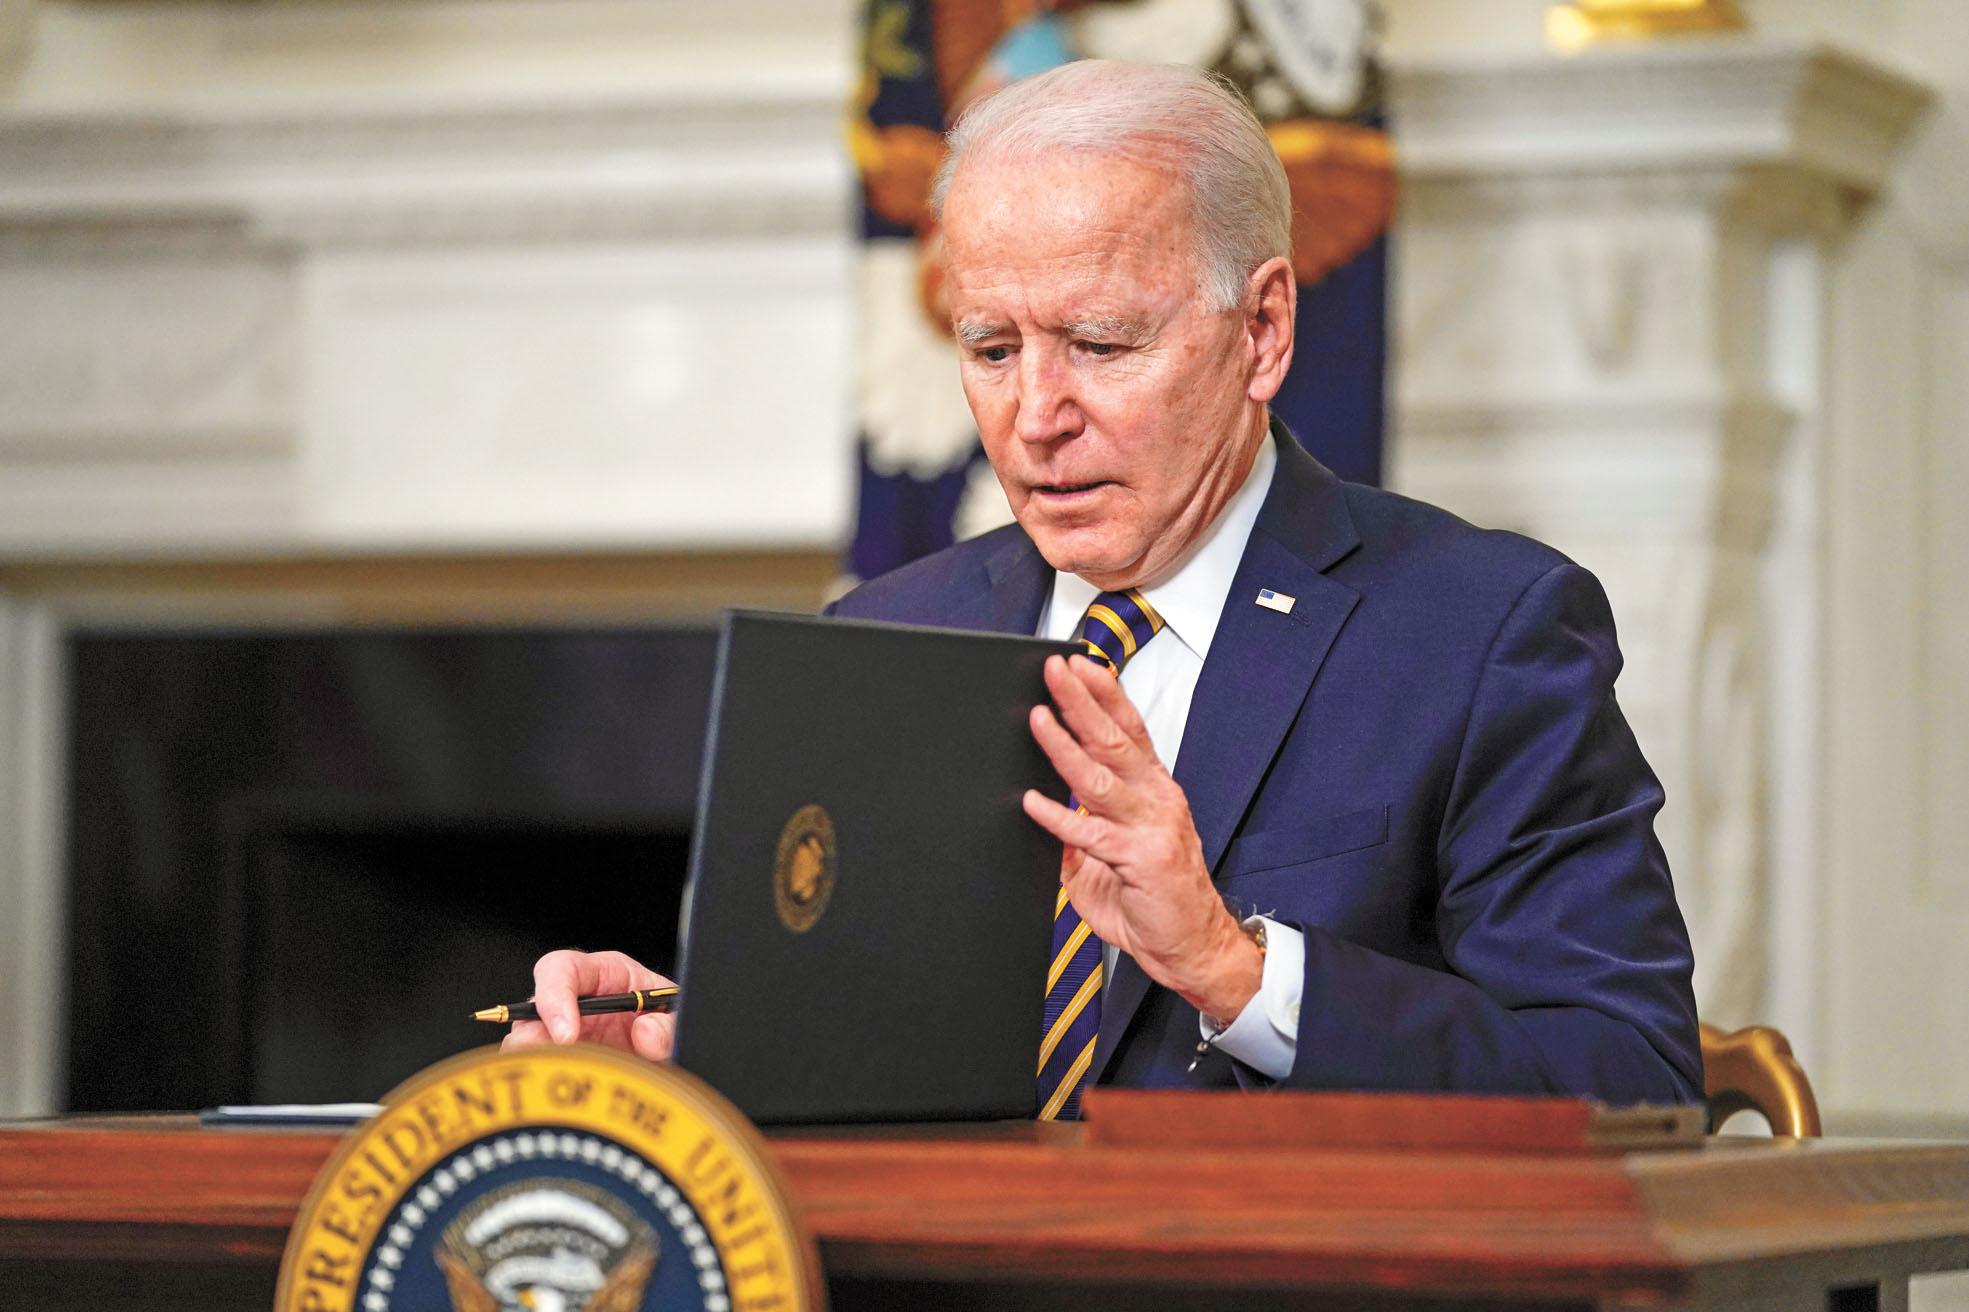 美國總統拜登24日簽署行政命令,強化美國關鍵產業供應鏈。美聯社